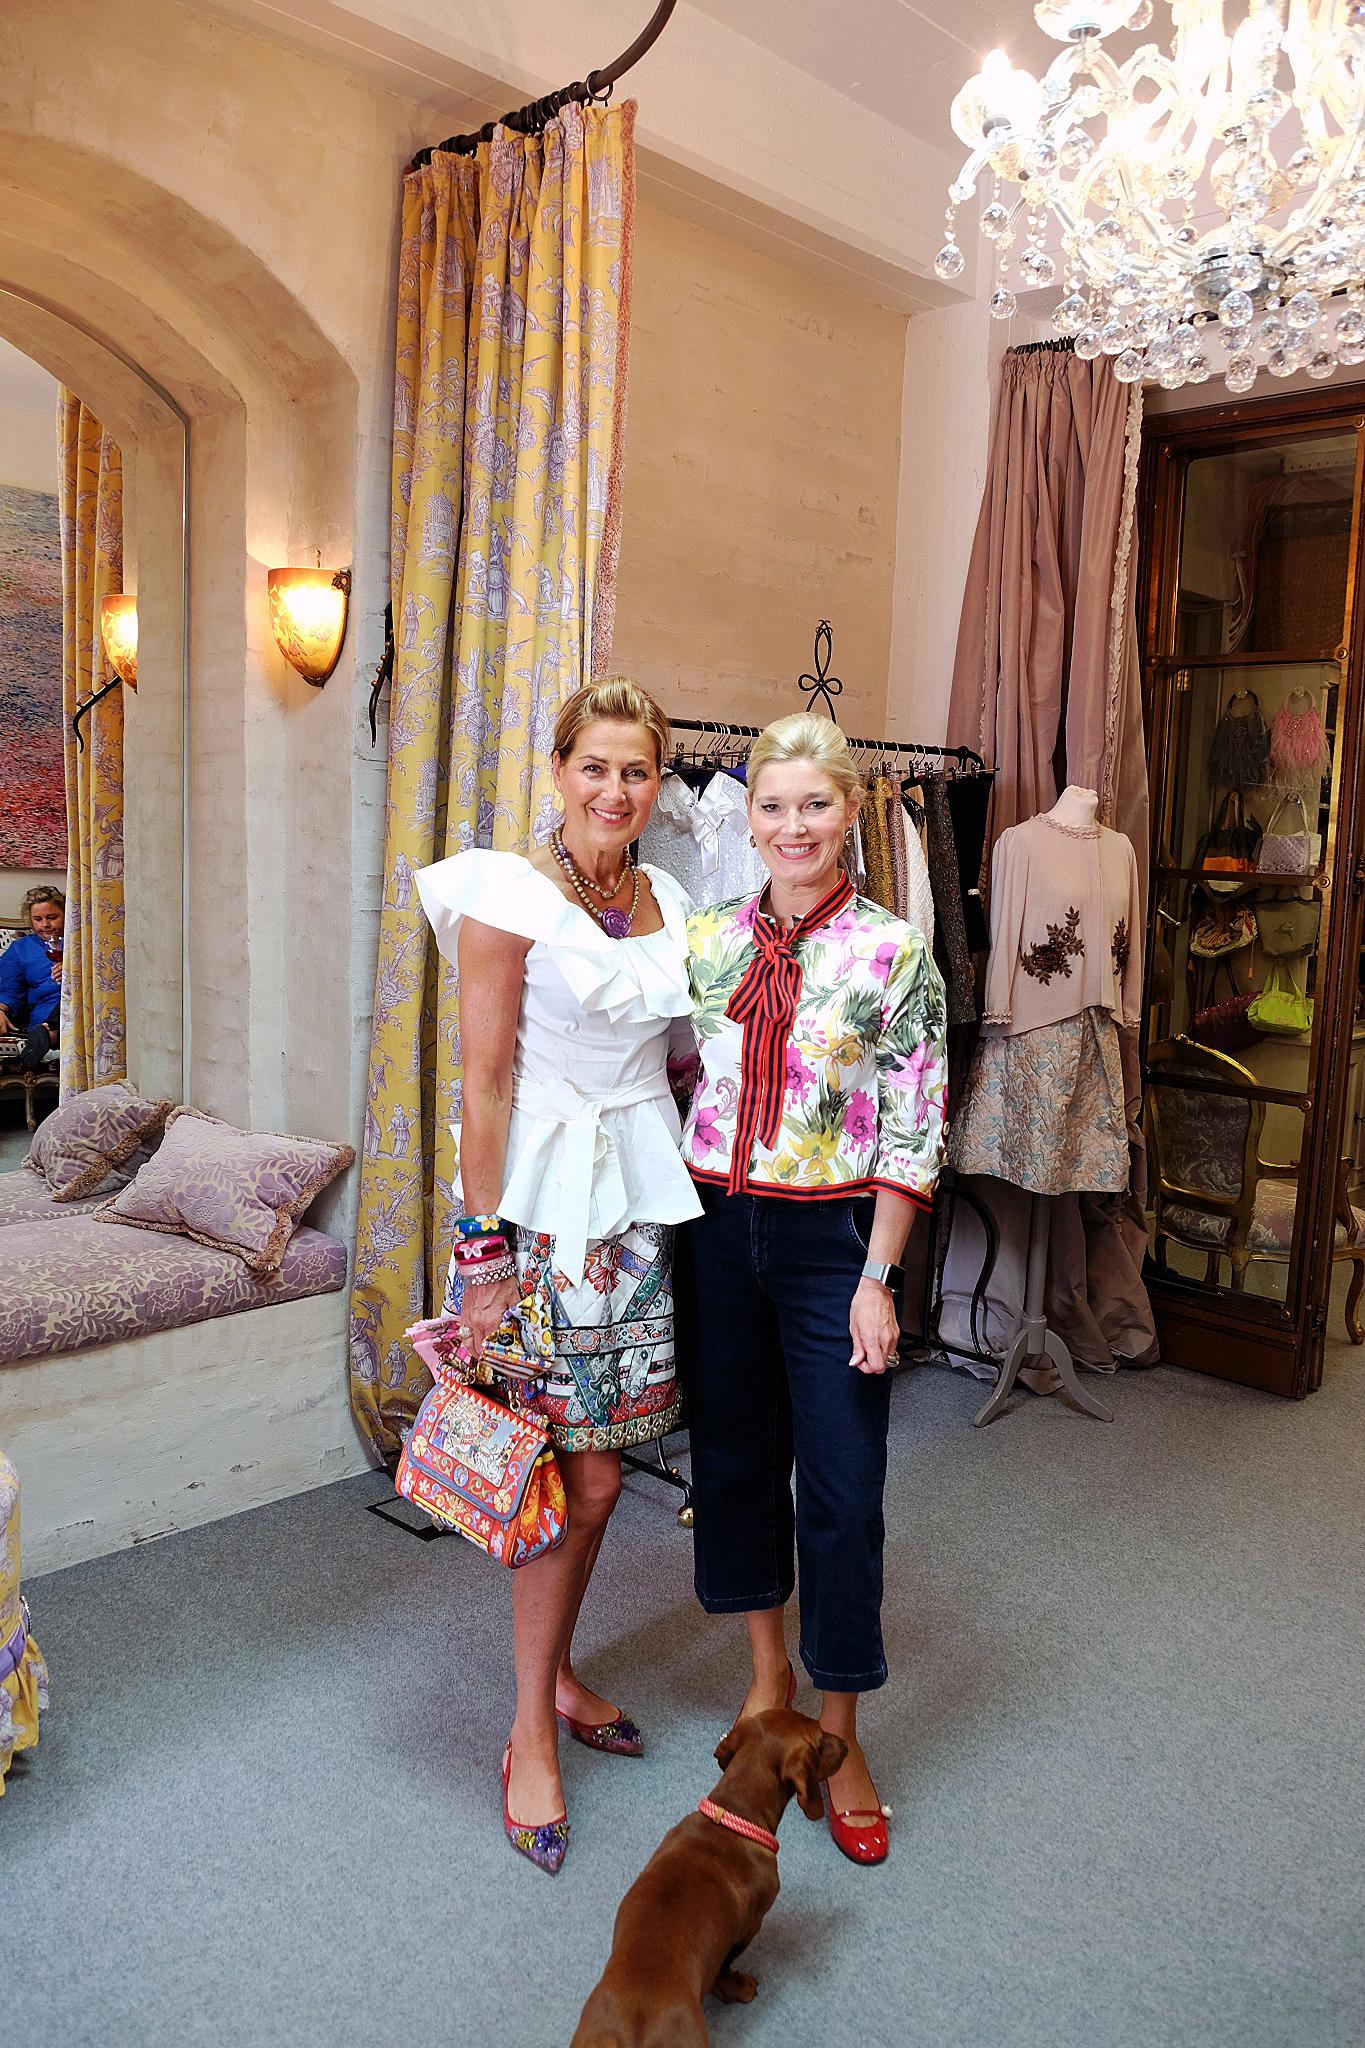 Siggi Spiegelburg, Petra Dieners, Modeblog Lieblingsstil, Fashionblog Lieblingsstil, Fashion Blog Lieblingsstil, 2